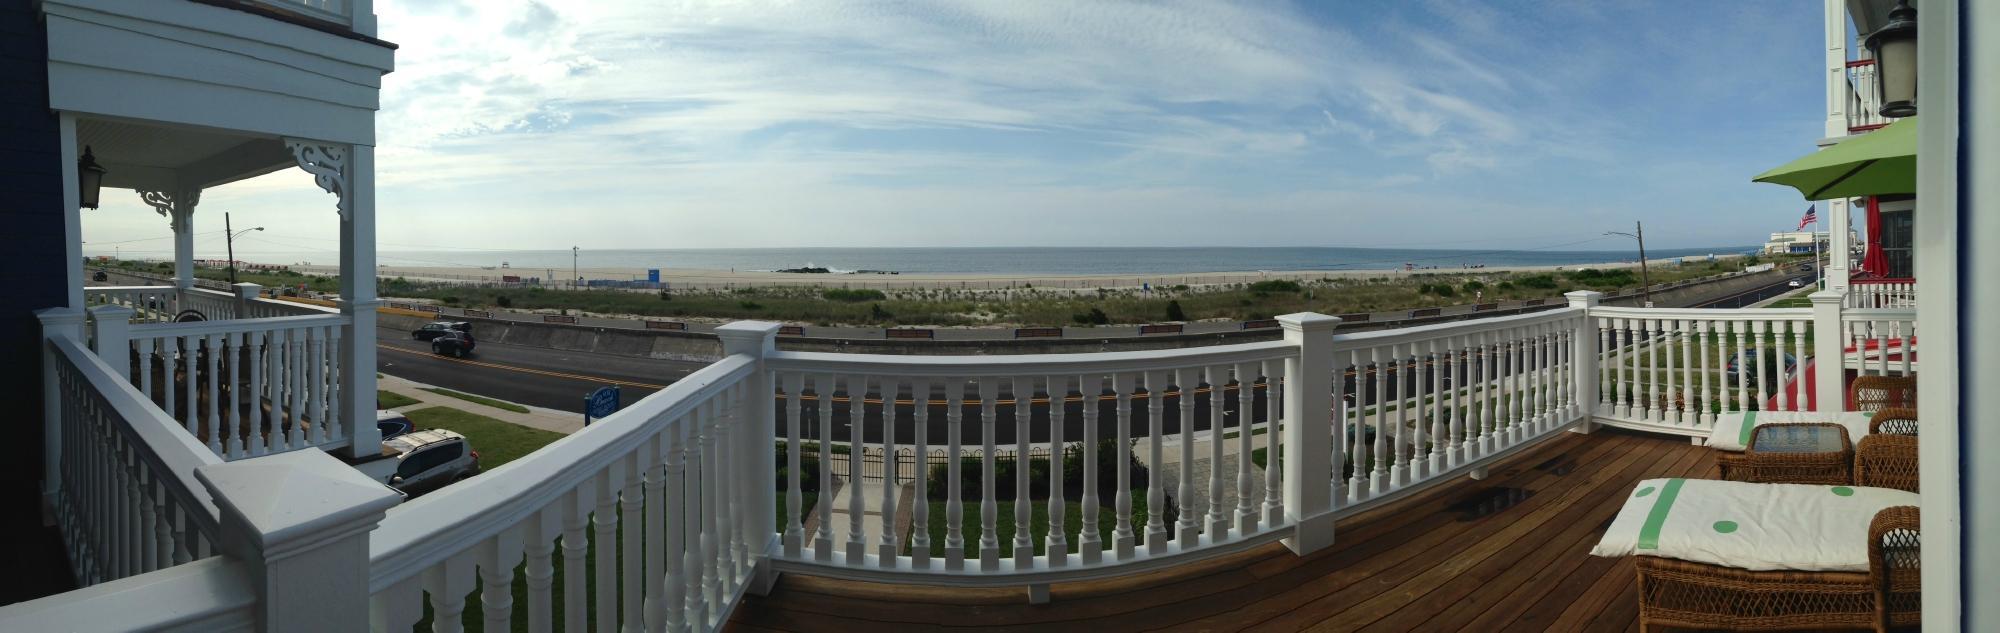 931 Beach Guest House